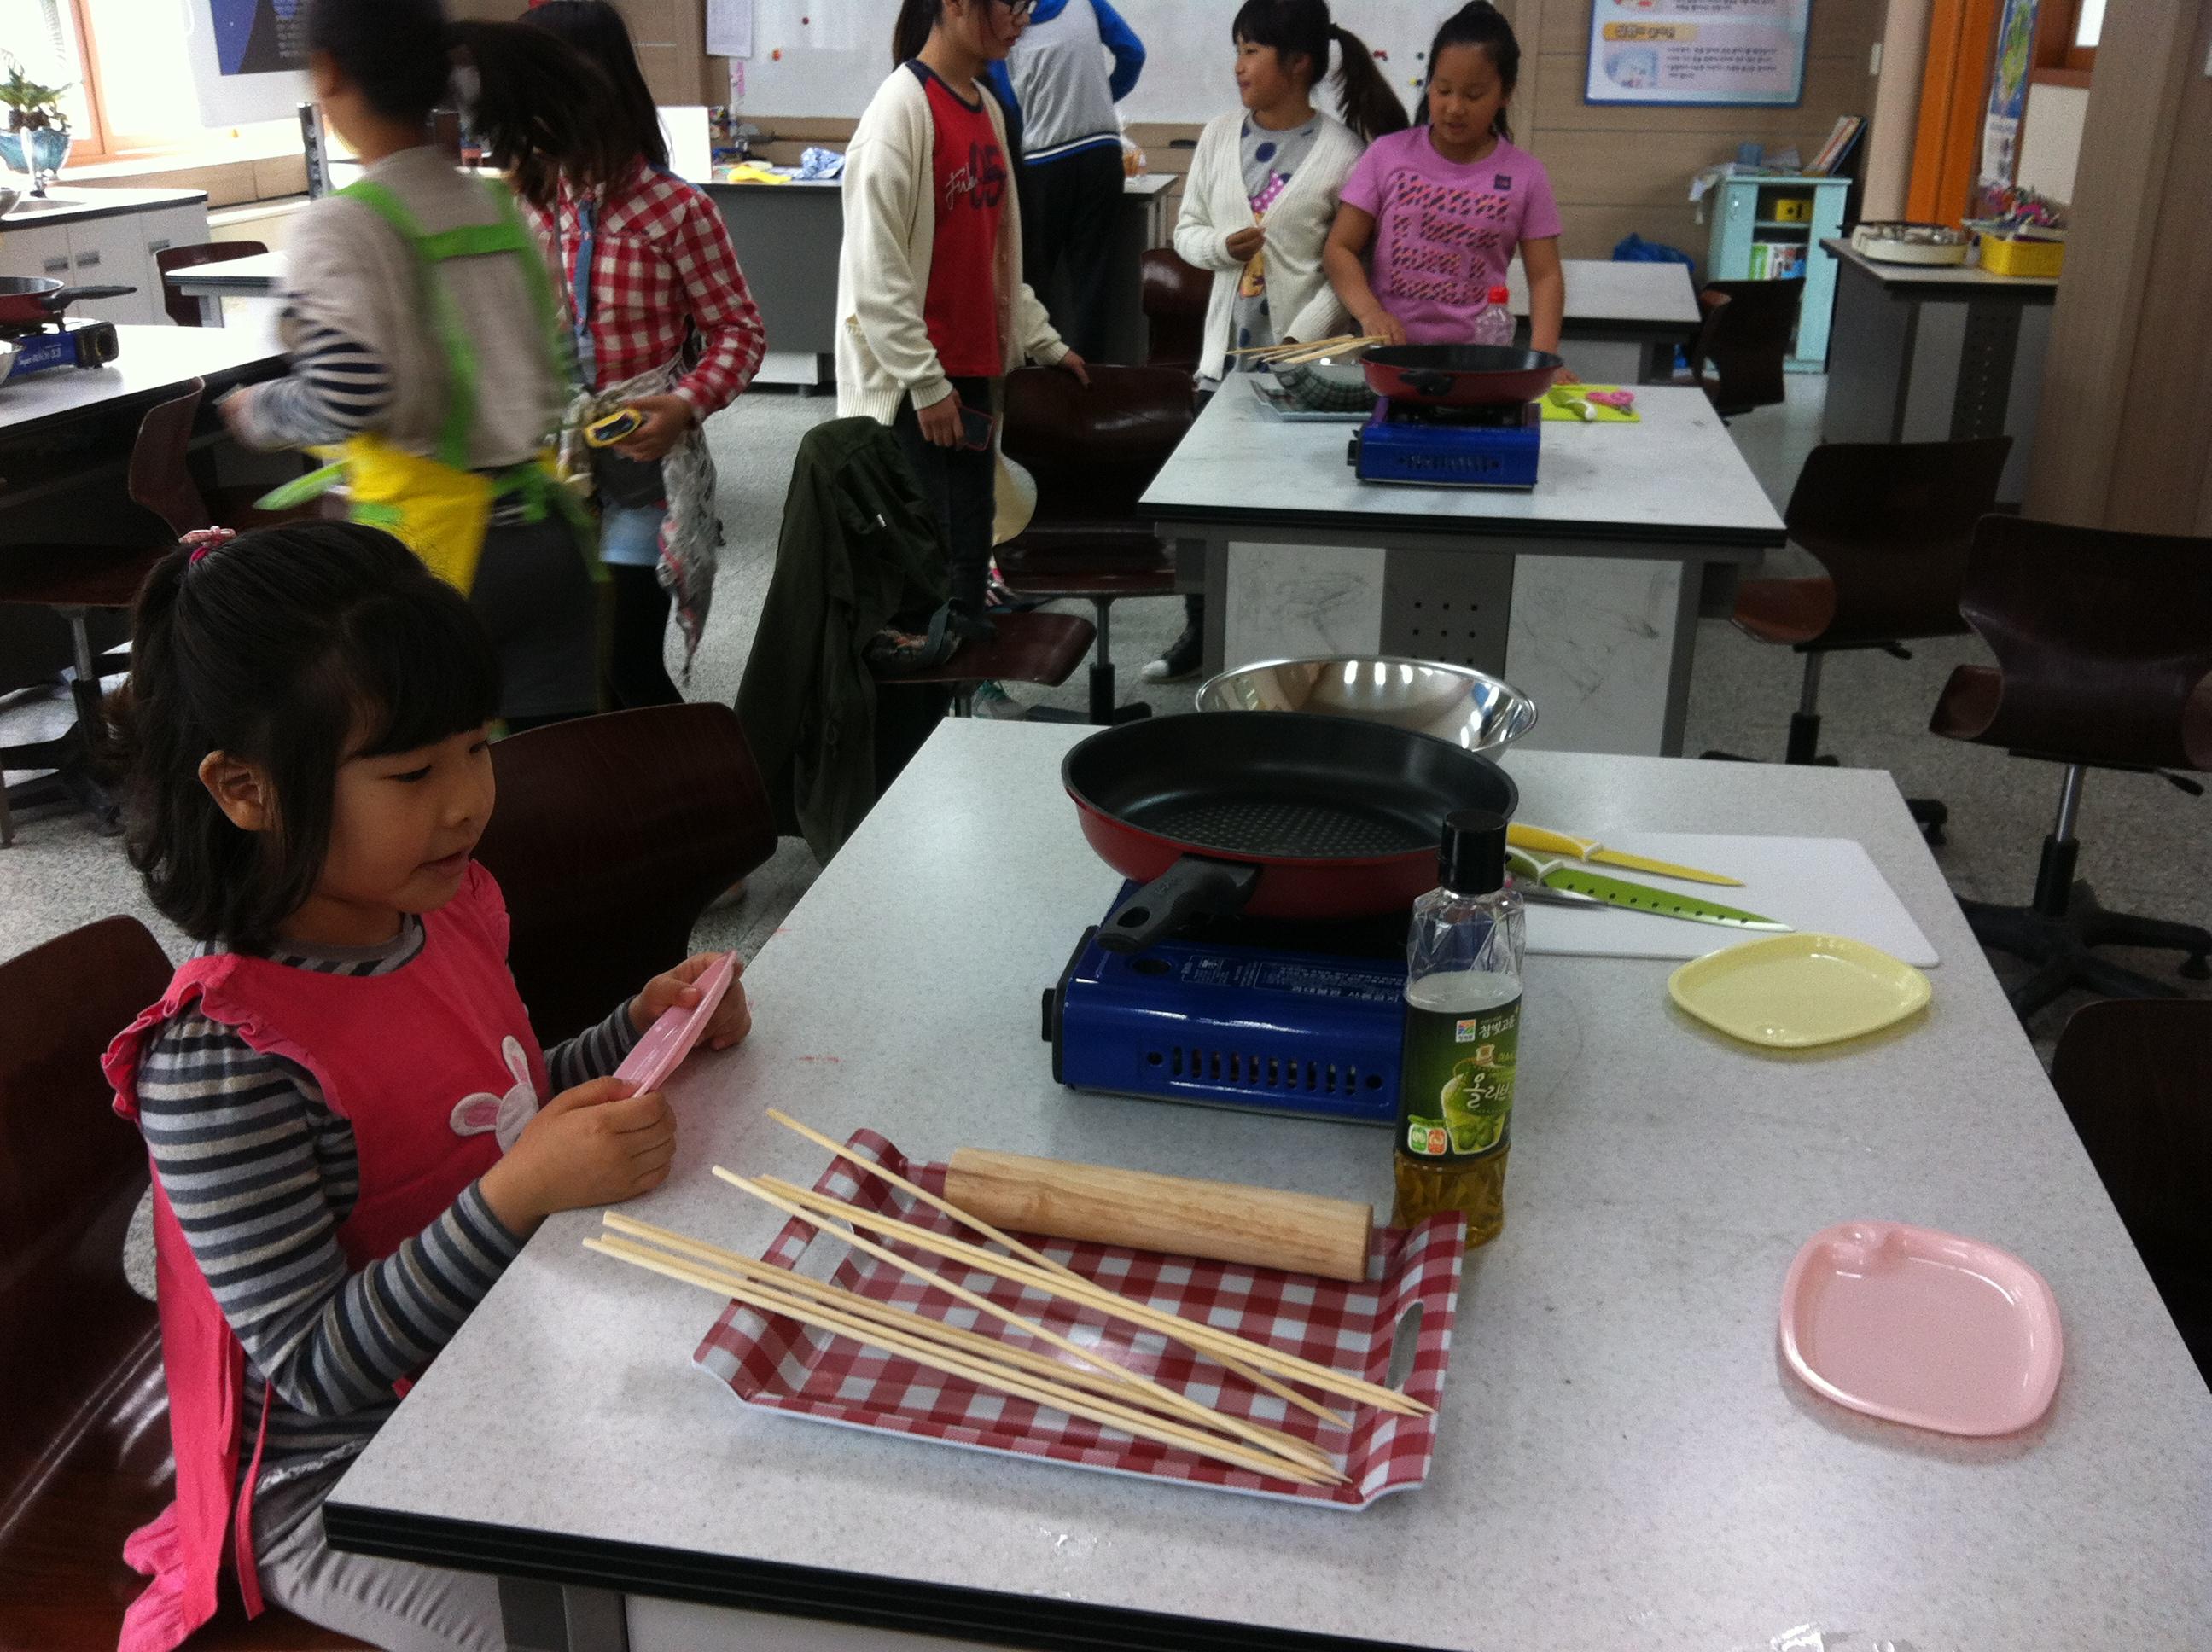 [일반] 4월 28일 즐거운 요리교실~ *^^* 의 첨부이미지 1